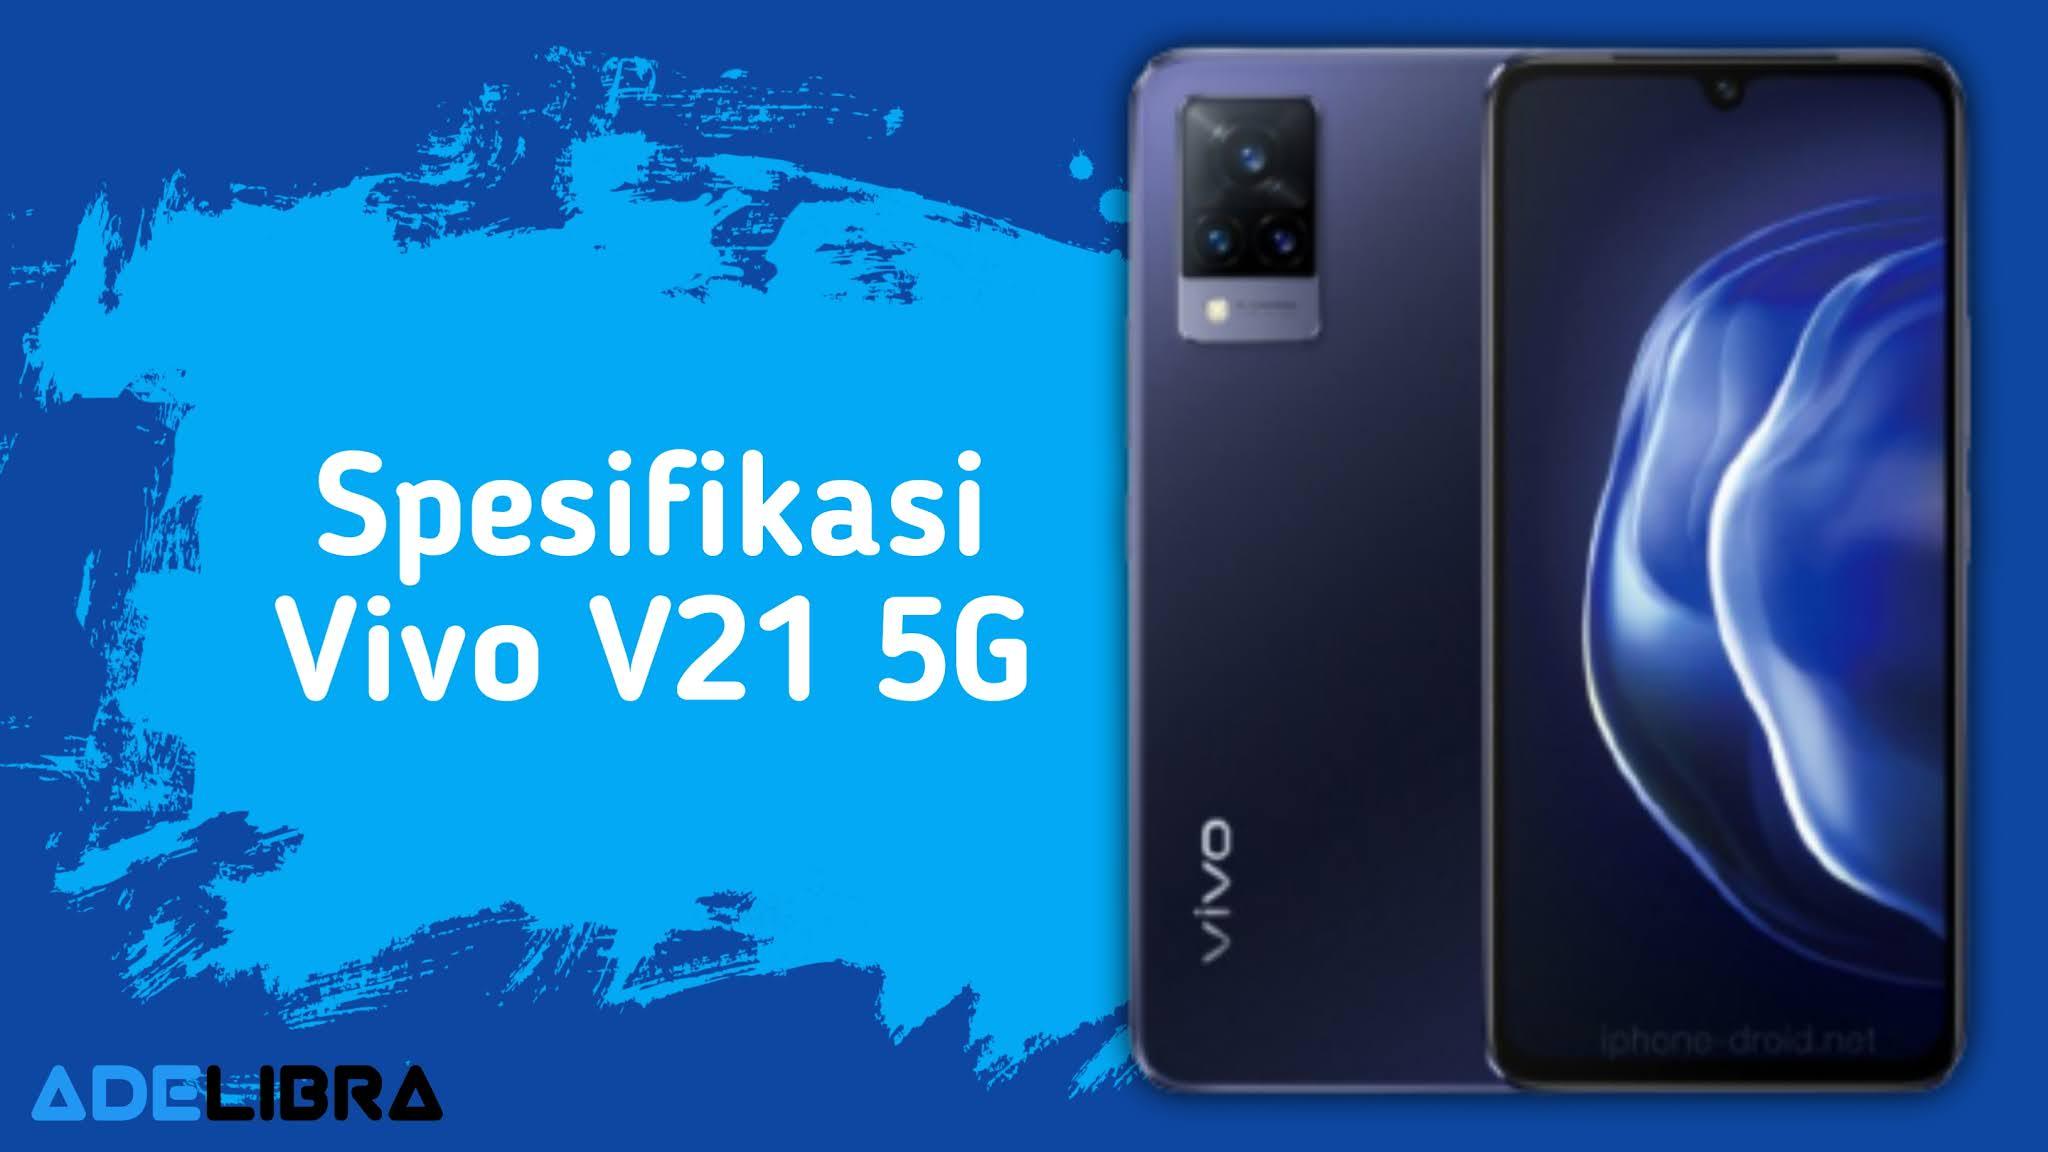 Kelebihan dan Kekurangan Vivo V21 5G